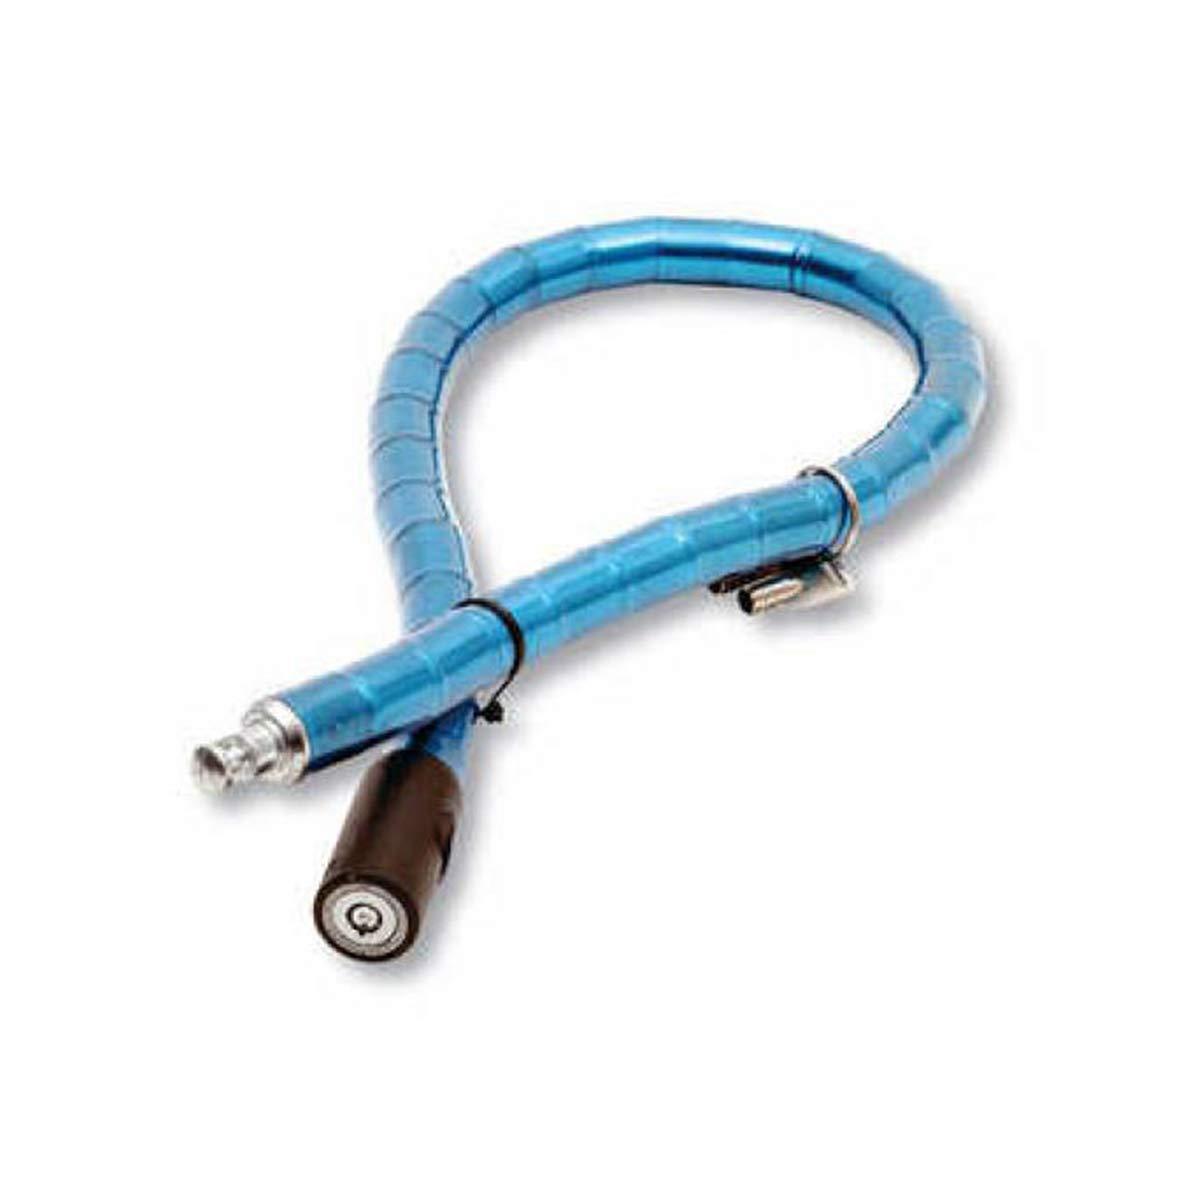 Tama/ño 22x1000mm S.L Candado Piton para Moto y Bicicleta Flexible con Llave Tubular de m/áxima Seguridad Color Azul. Piton antirrobo Cisne 2013